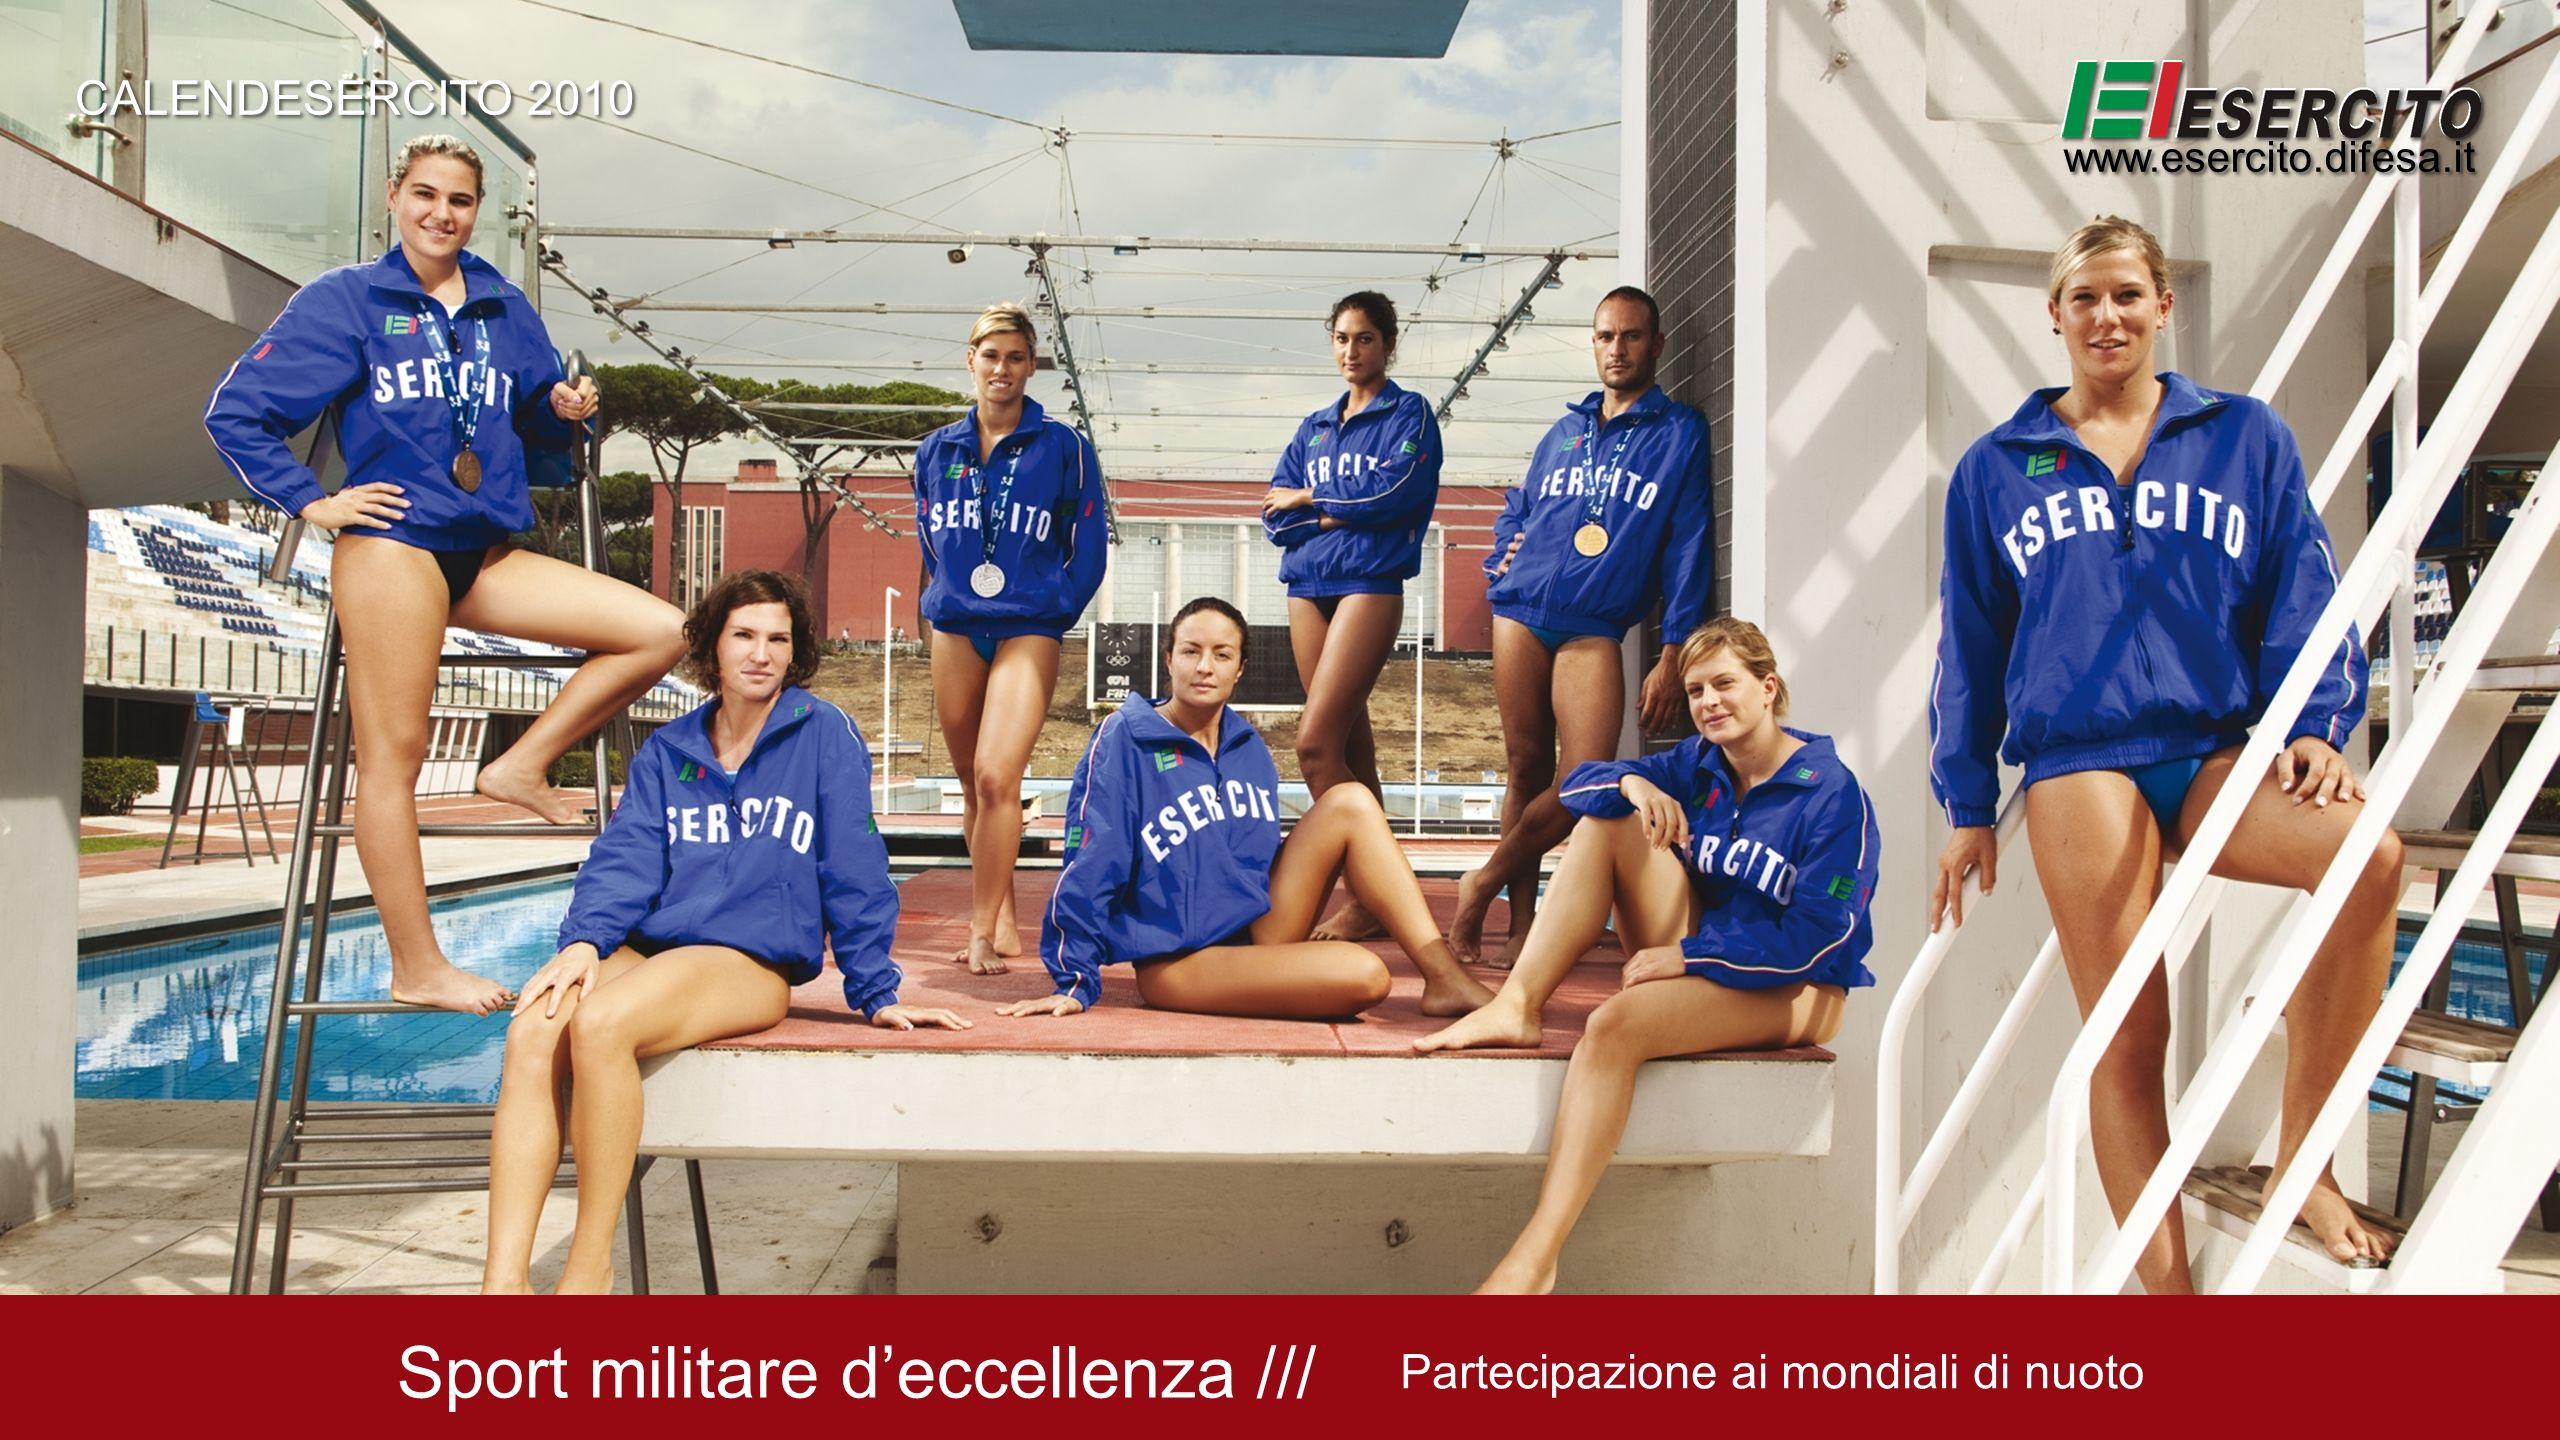 Sport militare d'eccellenza ///